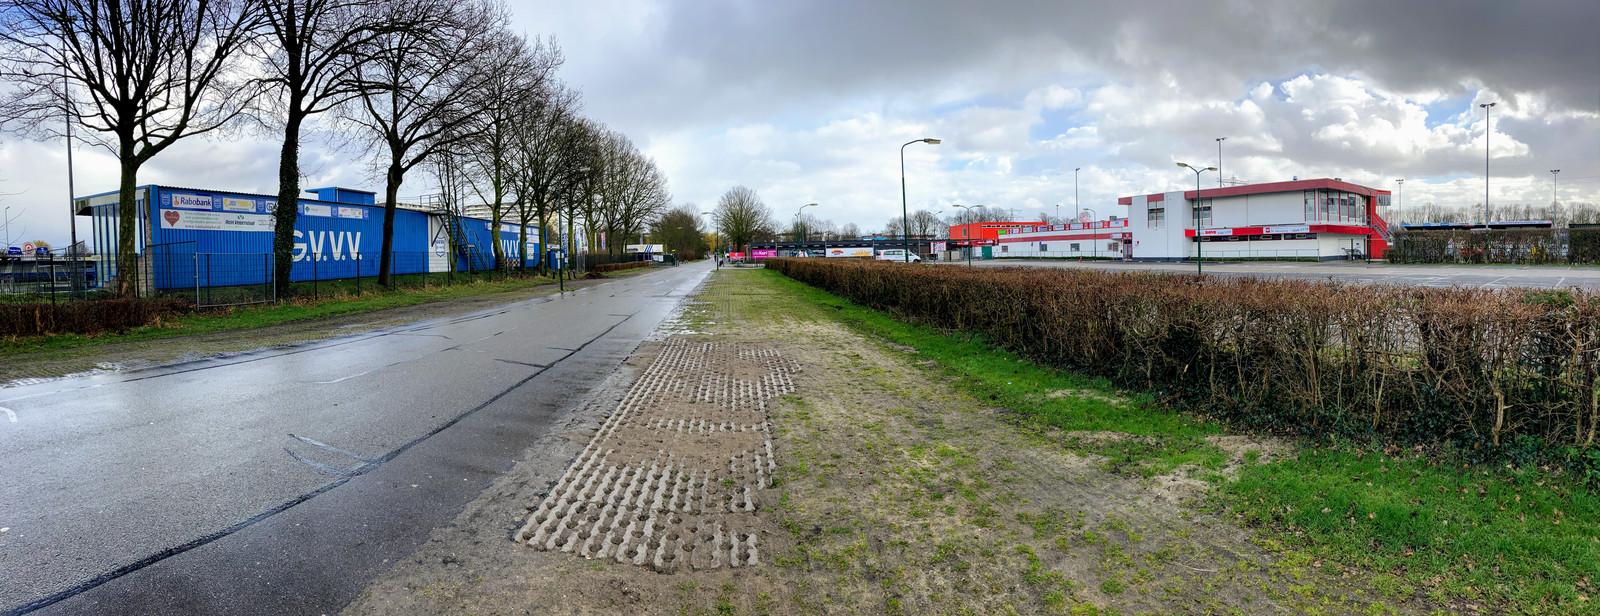 Het parkeerterrein van sportpark Panhuis met links het terrein van GVVV en rechts dat van DOVO.